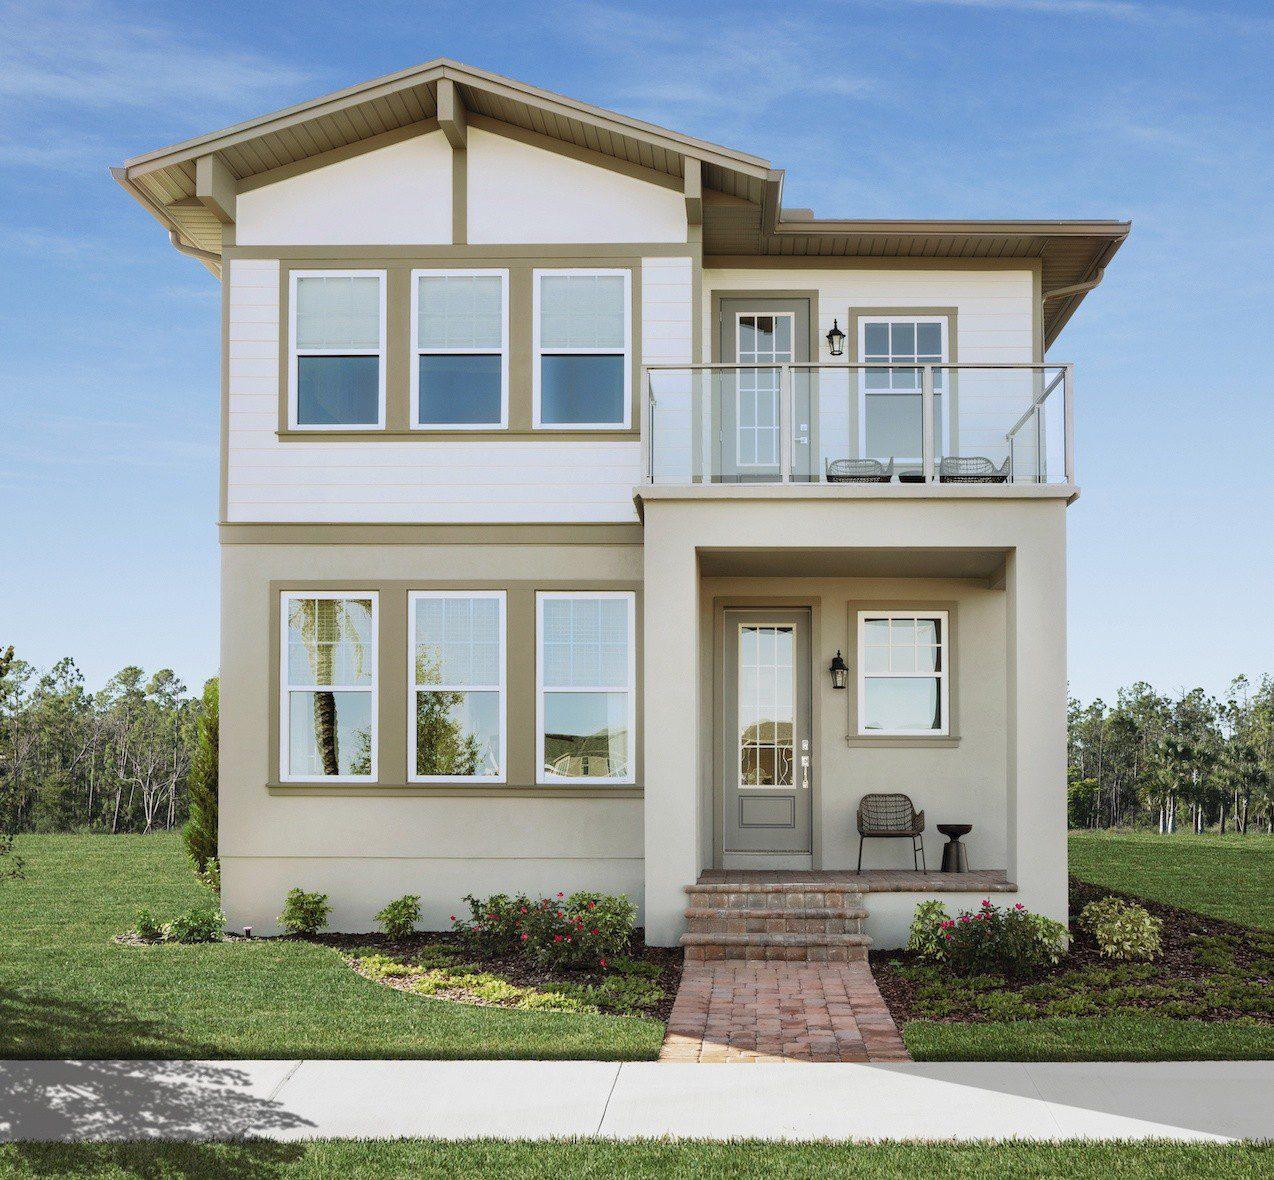 Ashton Woods Homes - Chambord Model Home